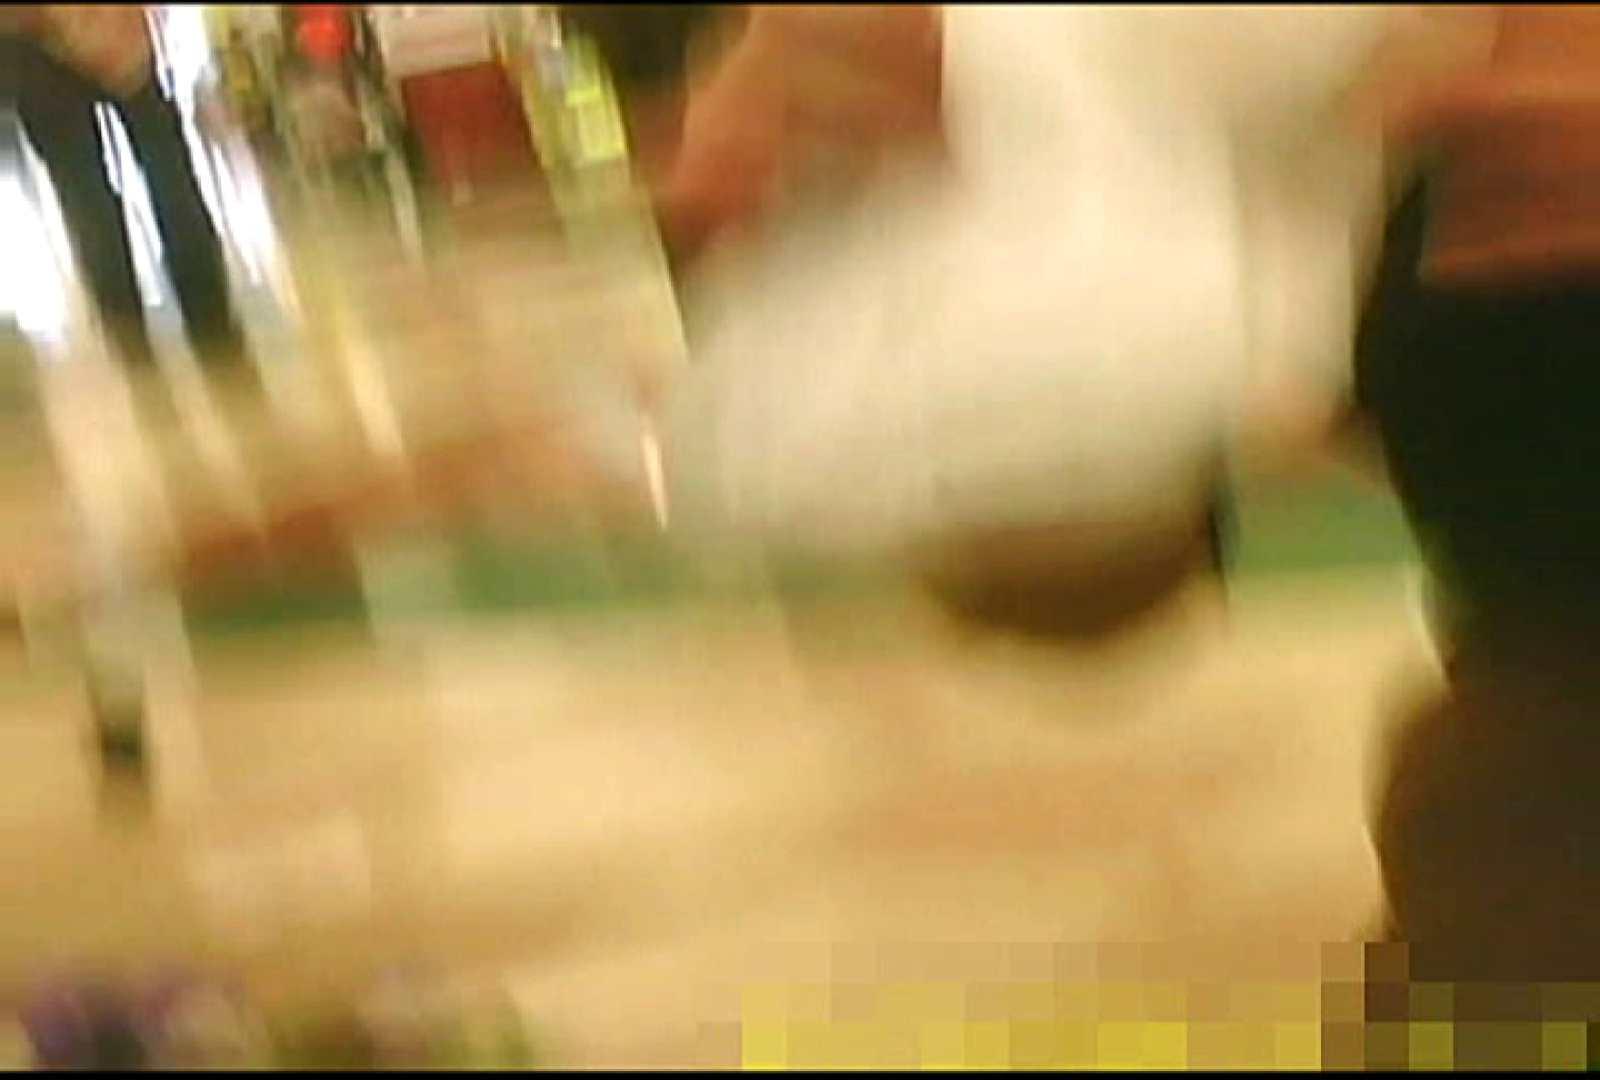 「ノゾキスト」さんの陰撮!!美女サルベージVol.4 OLセックス 盗撮われめAV動画紹介 97画像 38